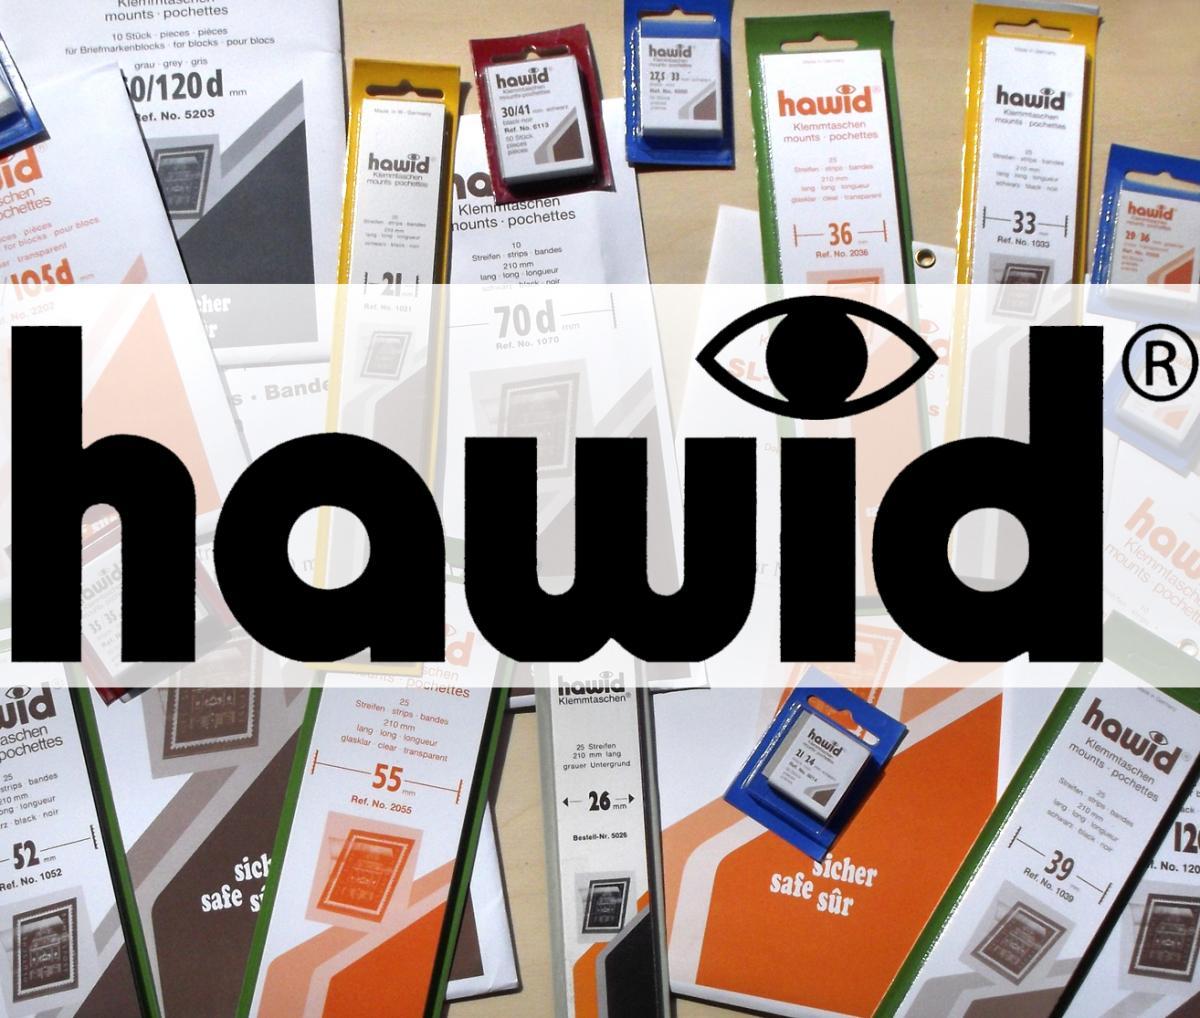 HAWID-Zuschnitte Klemmtaschen 20 x 24 mm, glasklar, 50 Stück (blaue Verpackung) 0